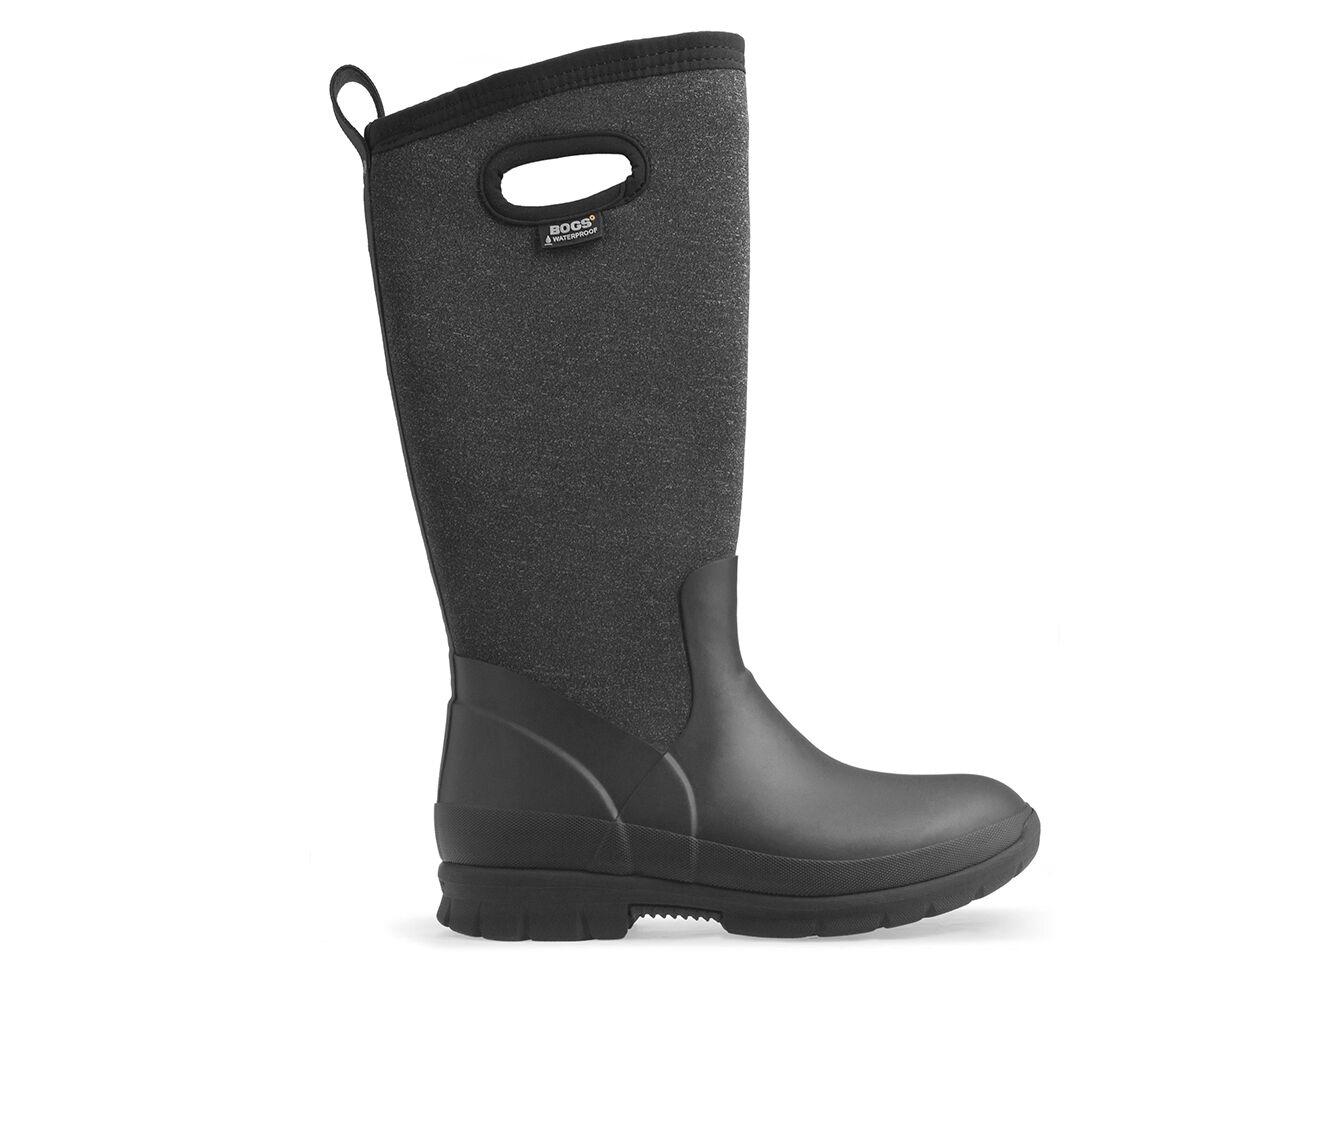 Women's Bogs Footwear Crandall Tall Malange Winter Boots Black Multi